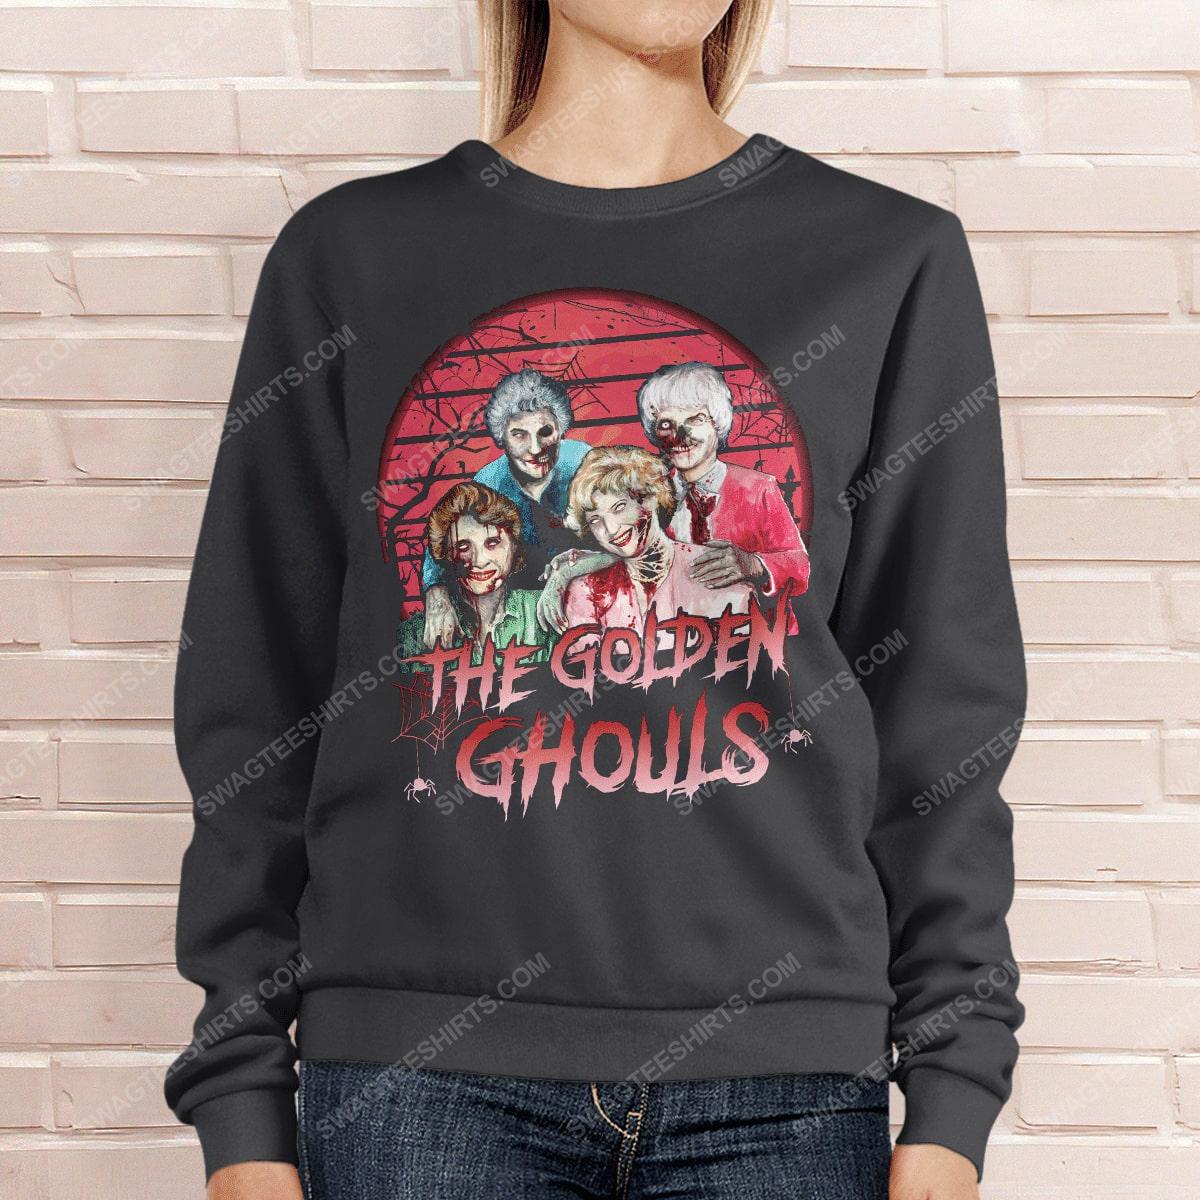 Halloween the golden ghouls the golden girls sweatshirt 1(1)